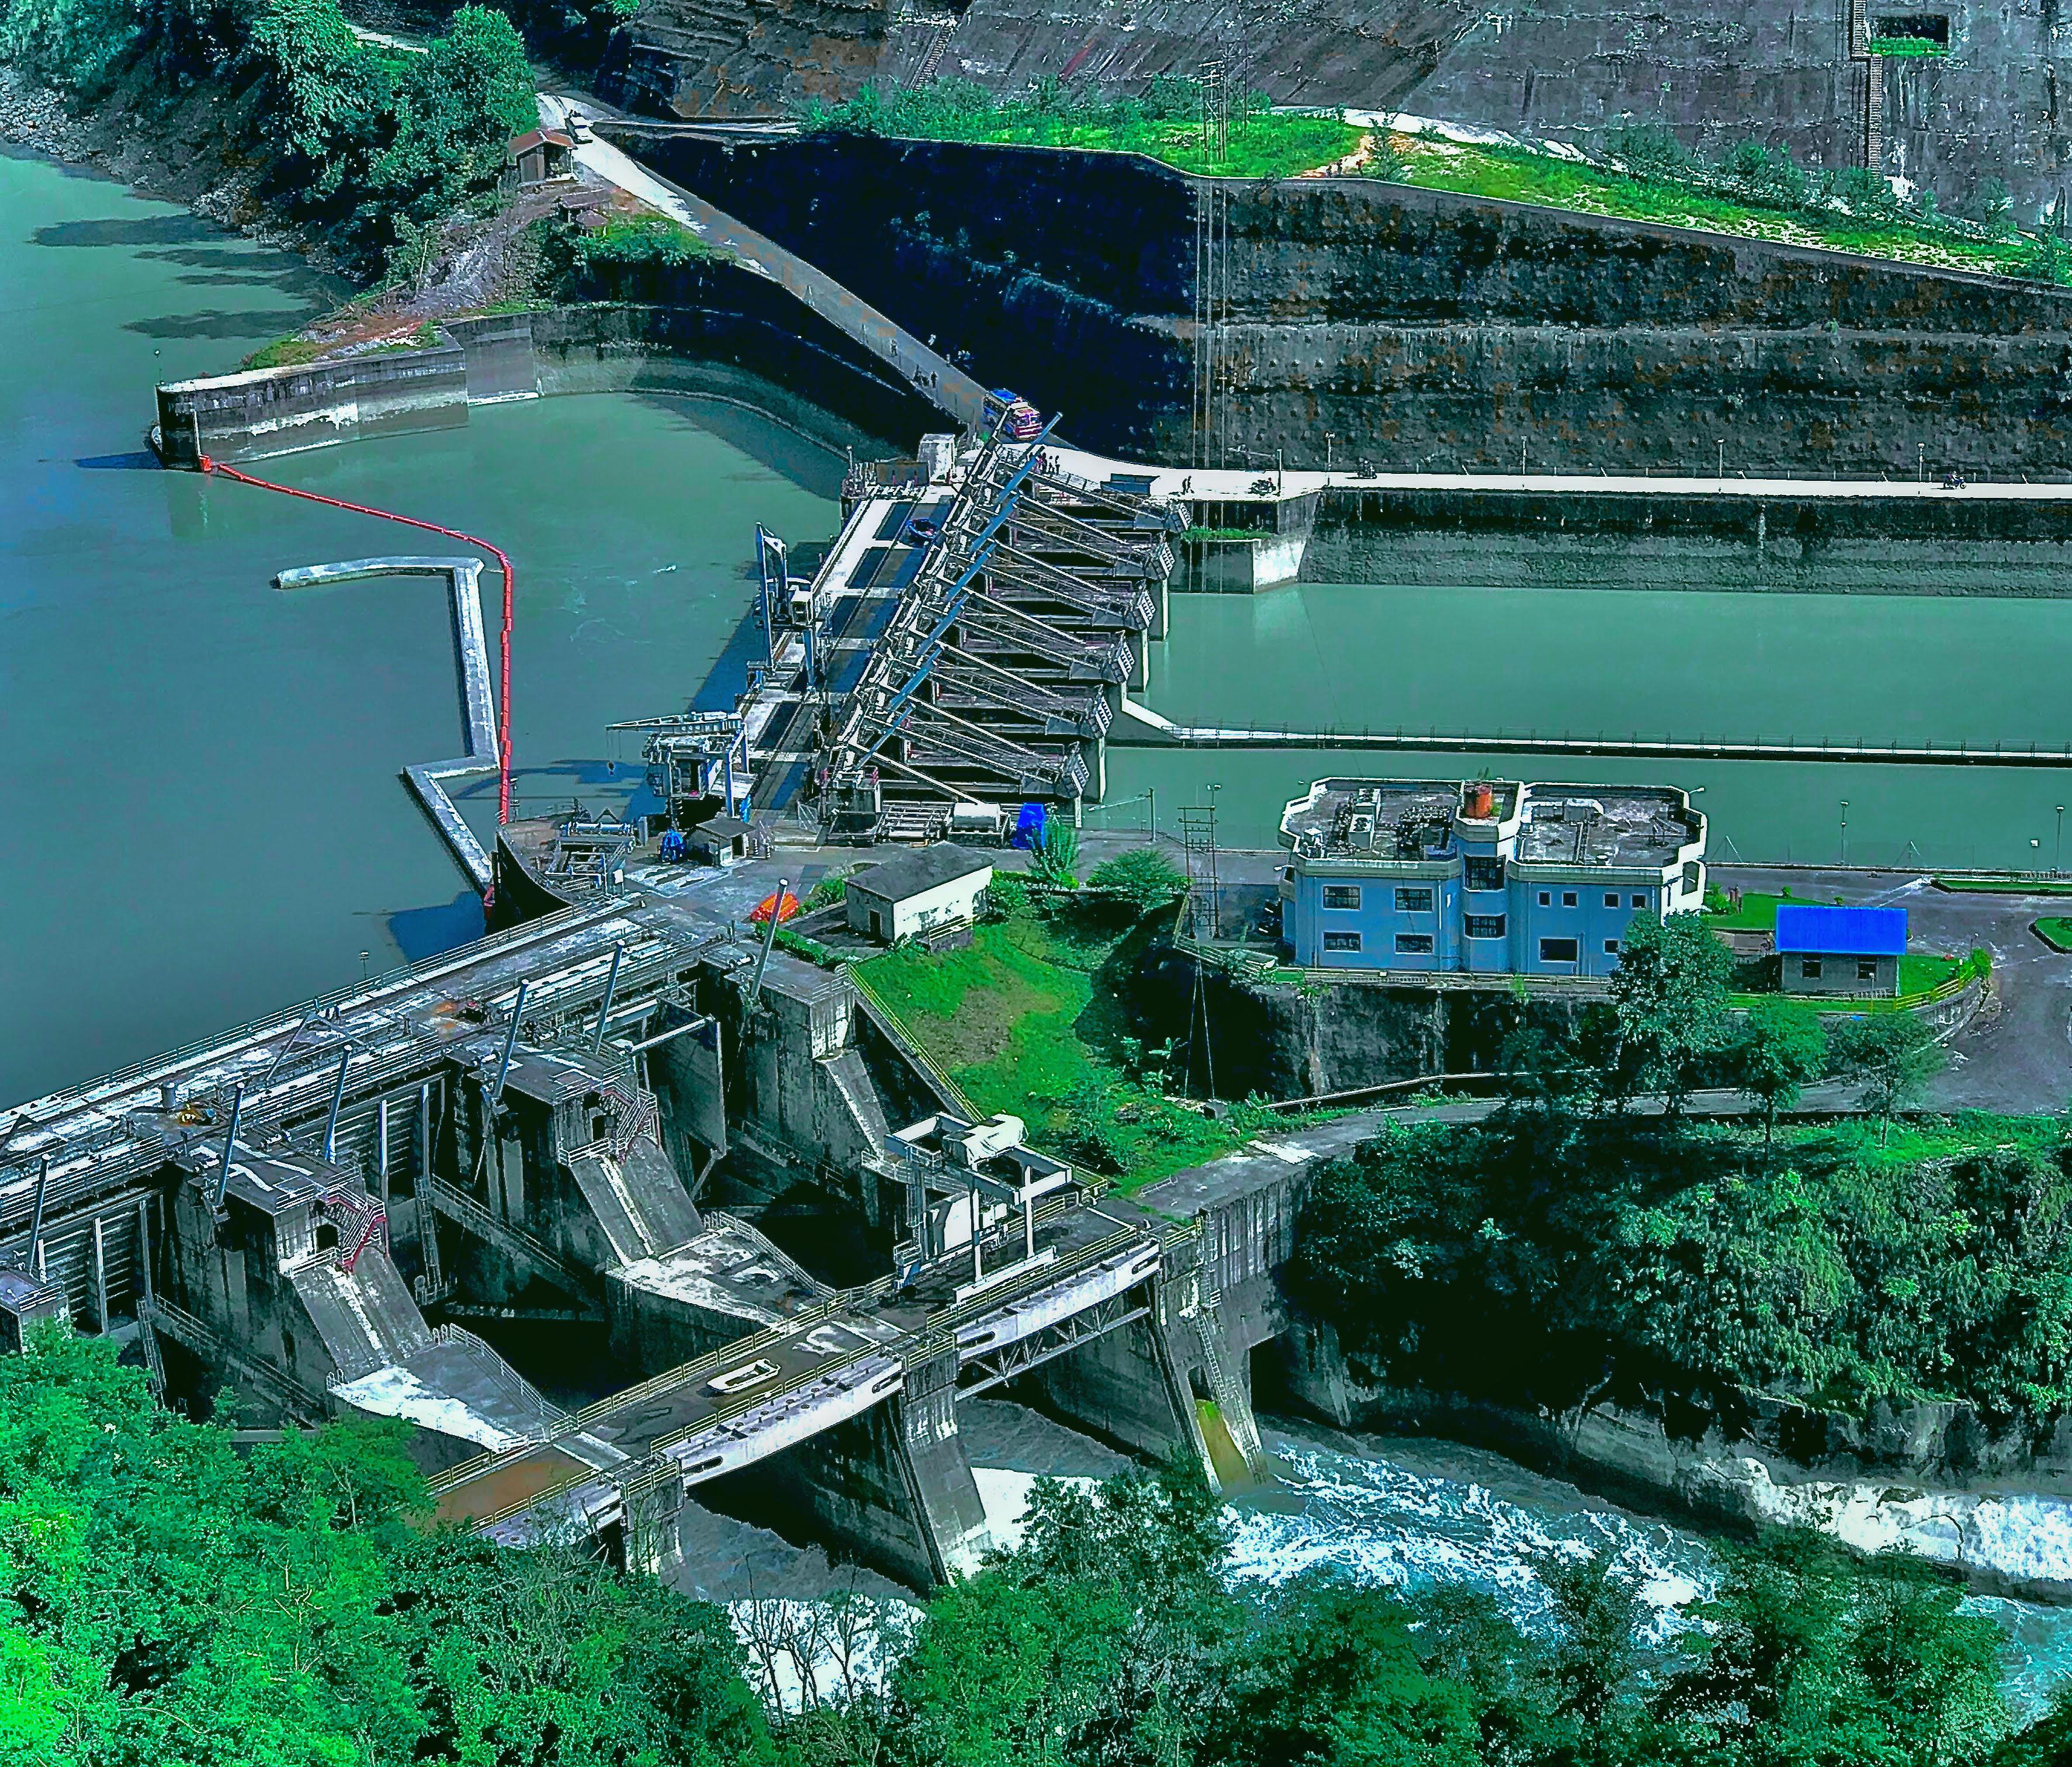 कालीगण्डकी जलविद्युत गृह तीन दिन बन्द रहने